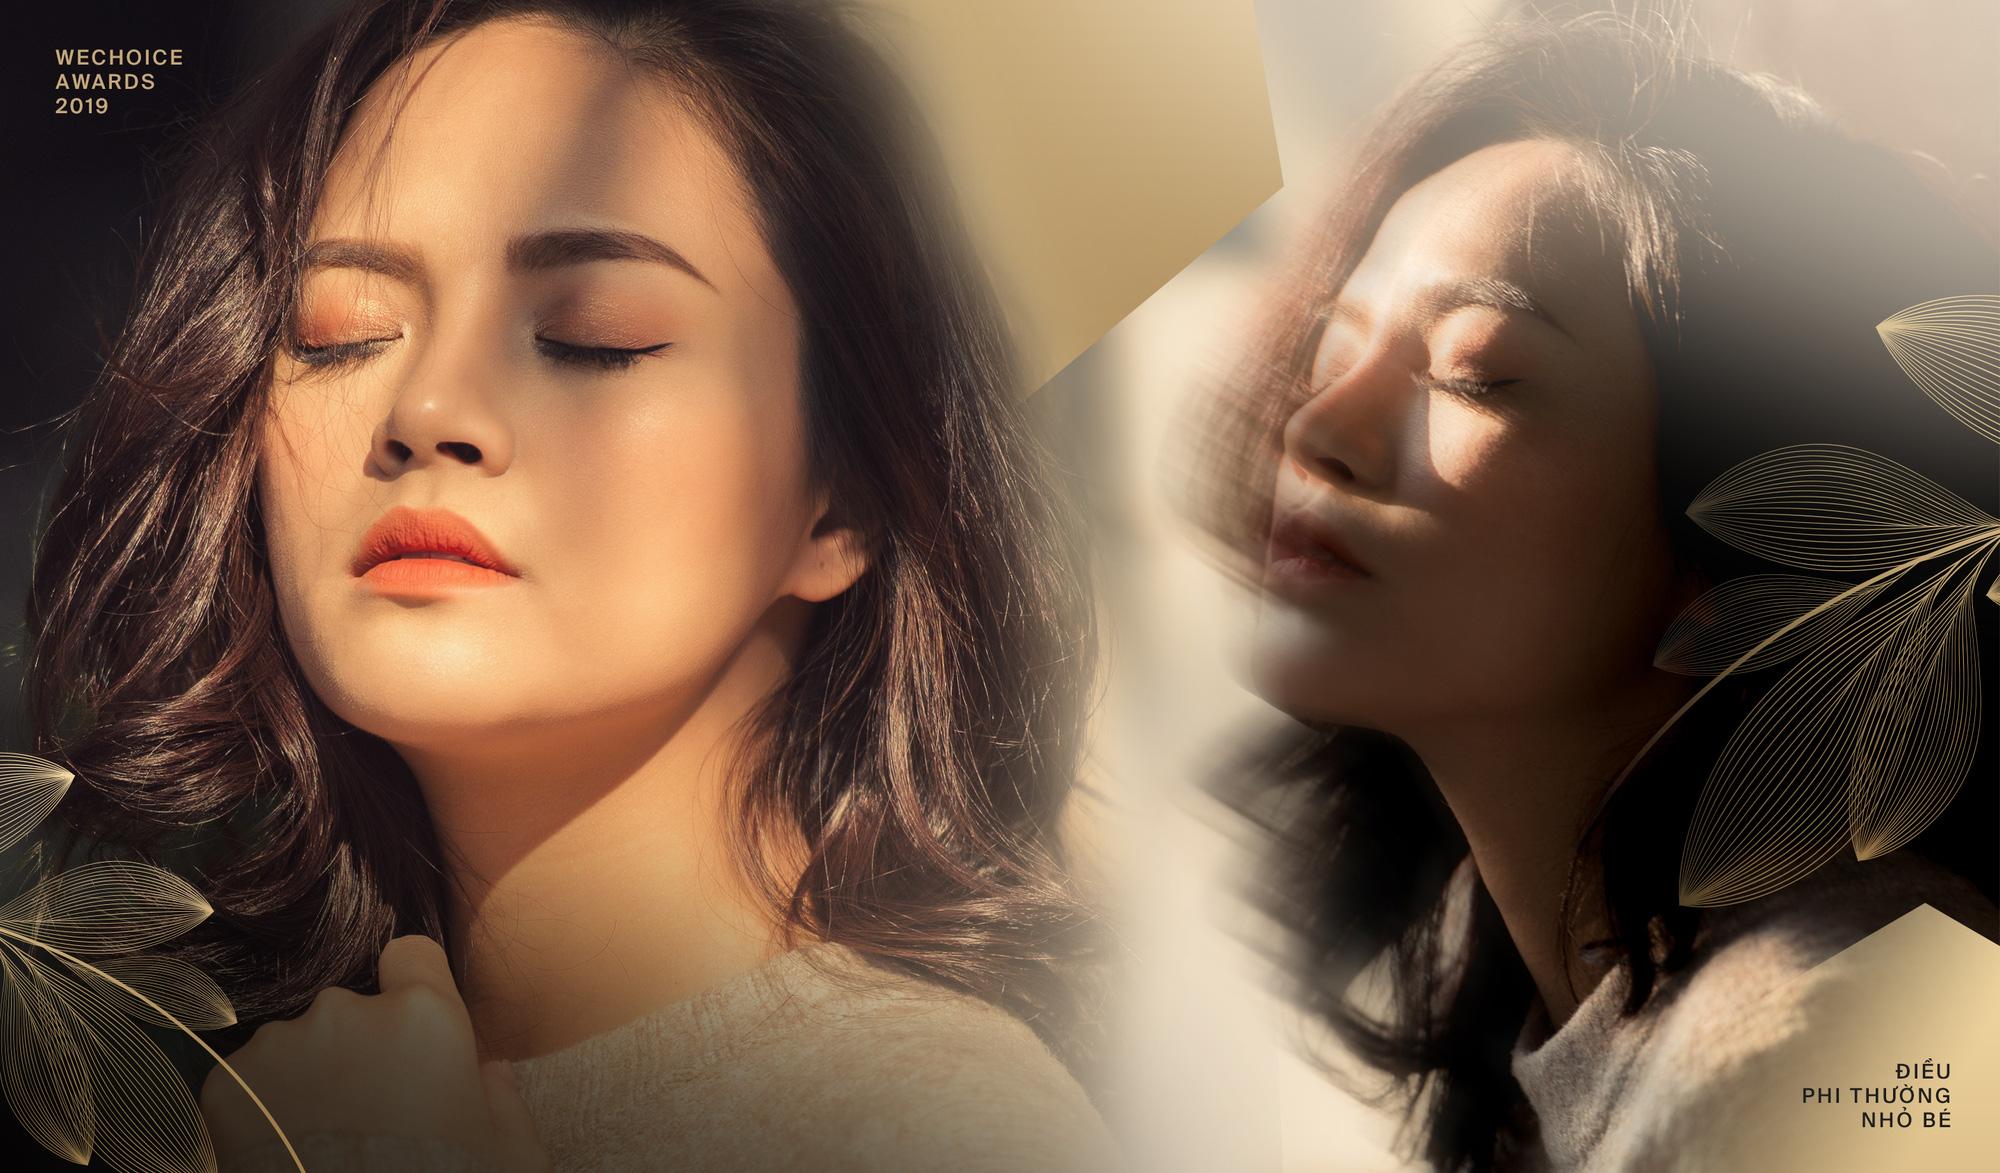 Thu Quỳnh - Từ người mẹ đơn thân bị phản bội đến nữ diễn viên xuất sắc của màn ảnh Việt - Ảnh 11.